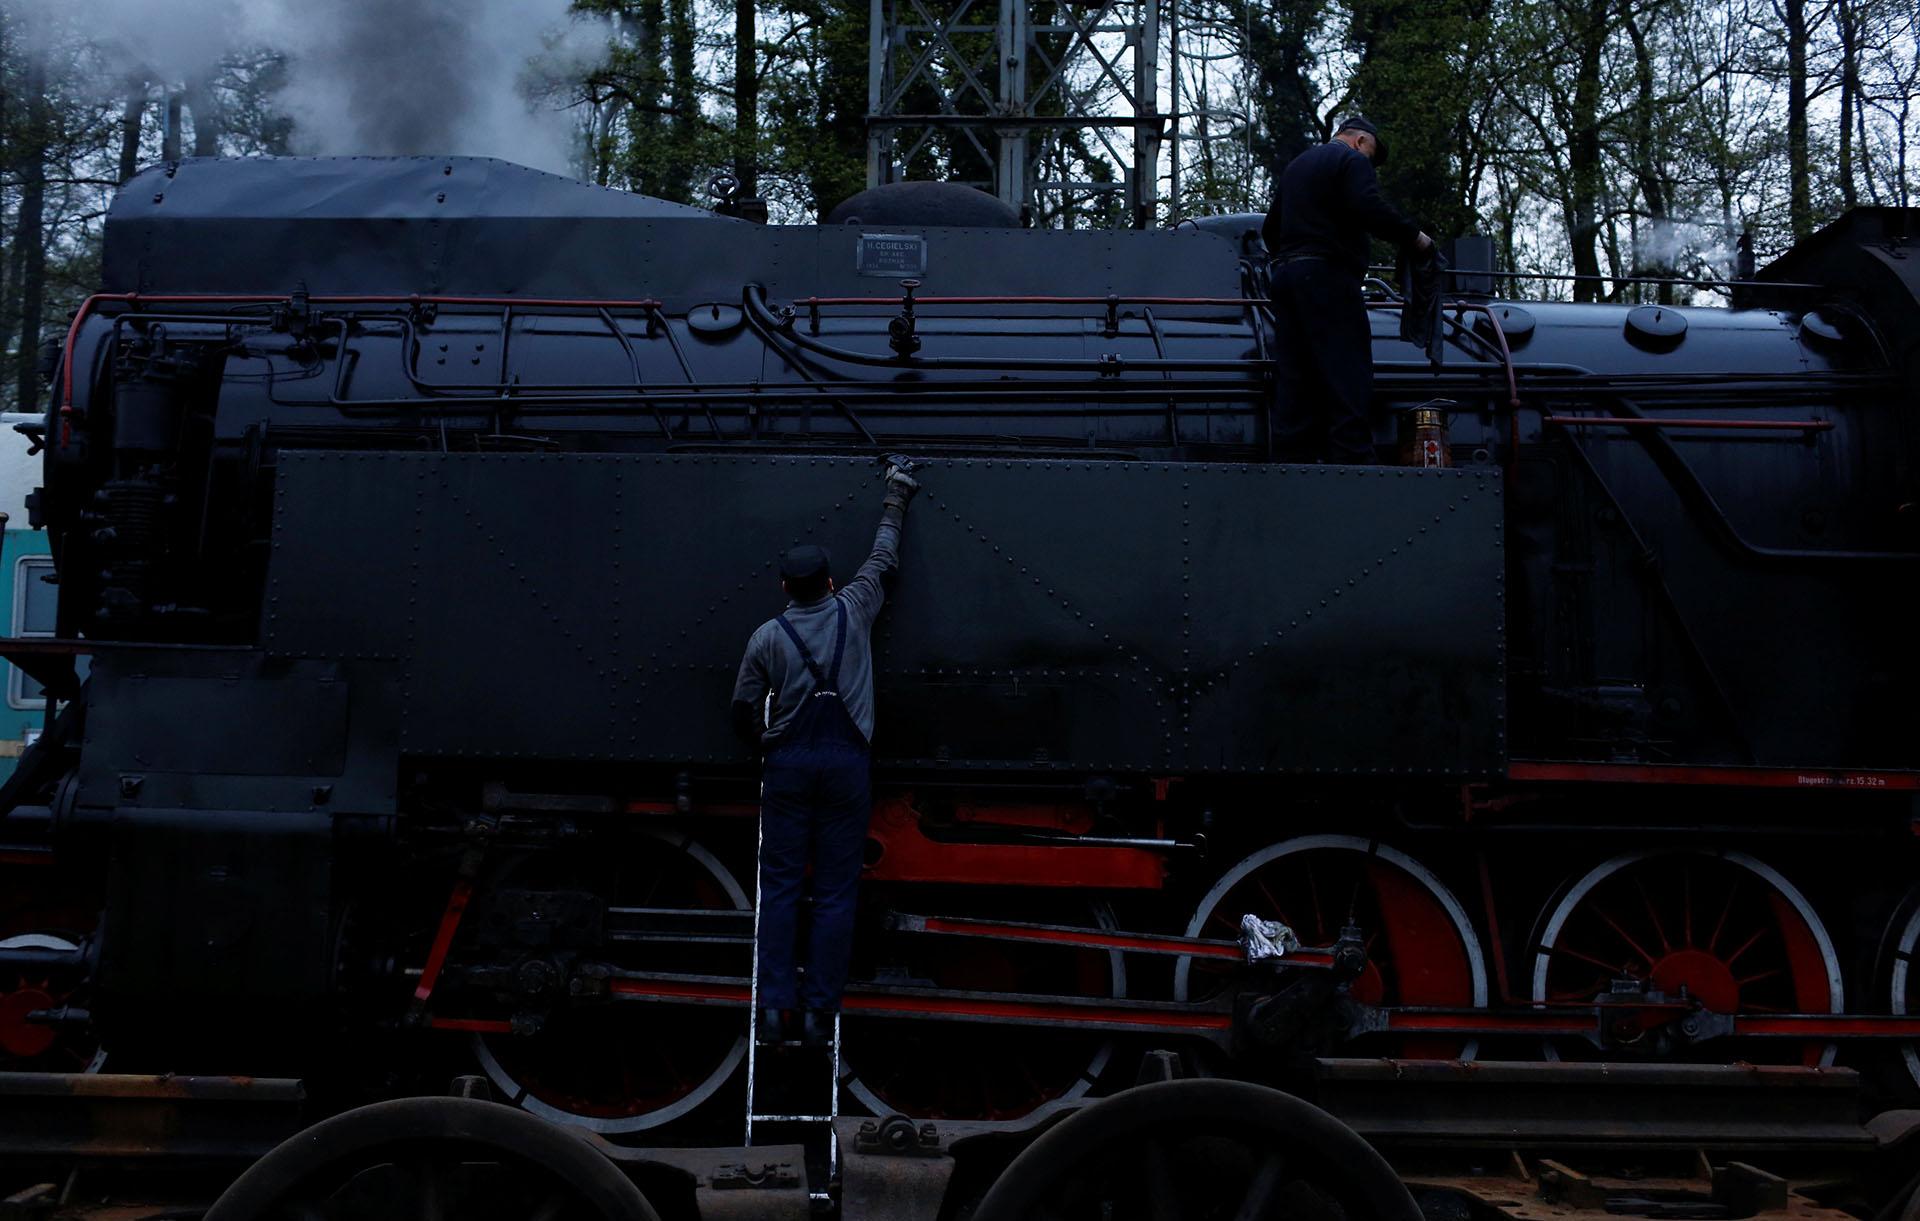 Trabajadores preparan para el desfile a una locomotora de vapor, un día antes del evento que se celebra en Wolsztyn, Polonia